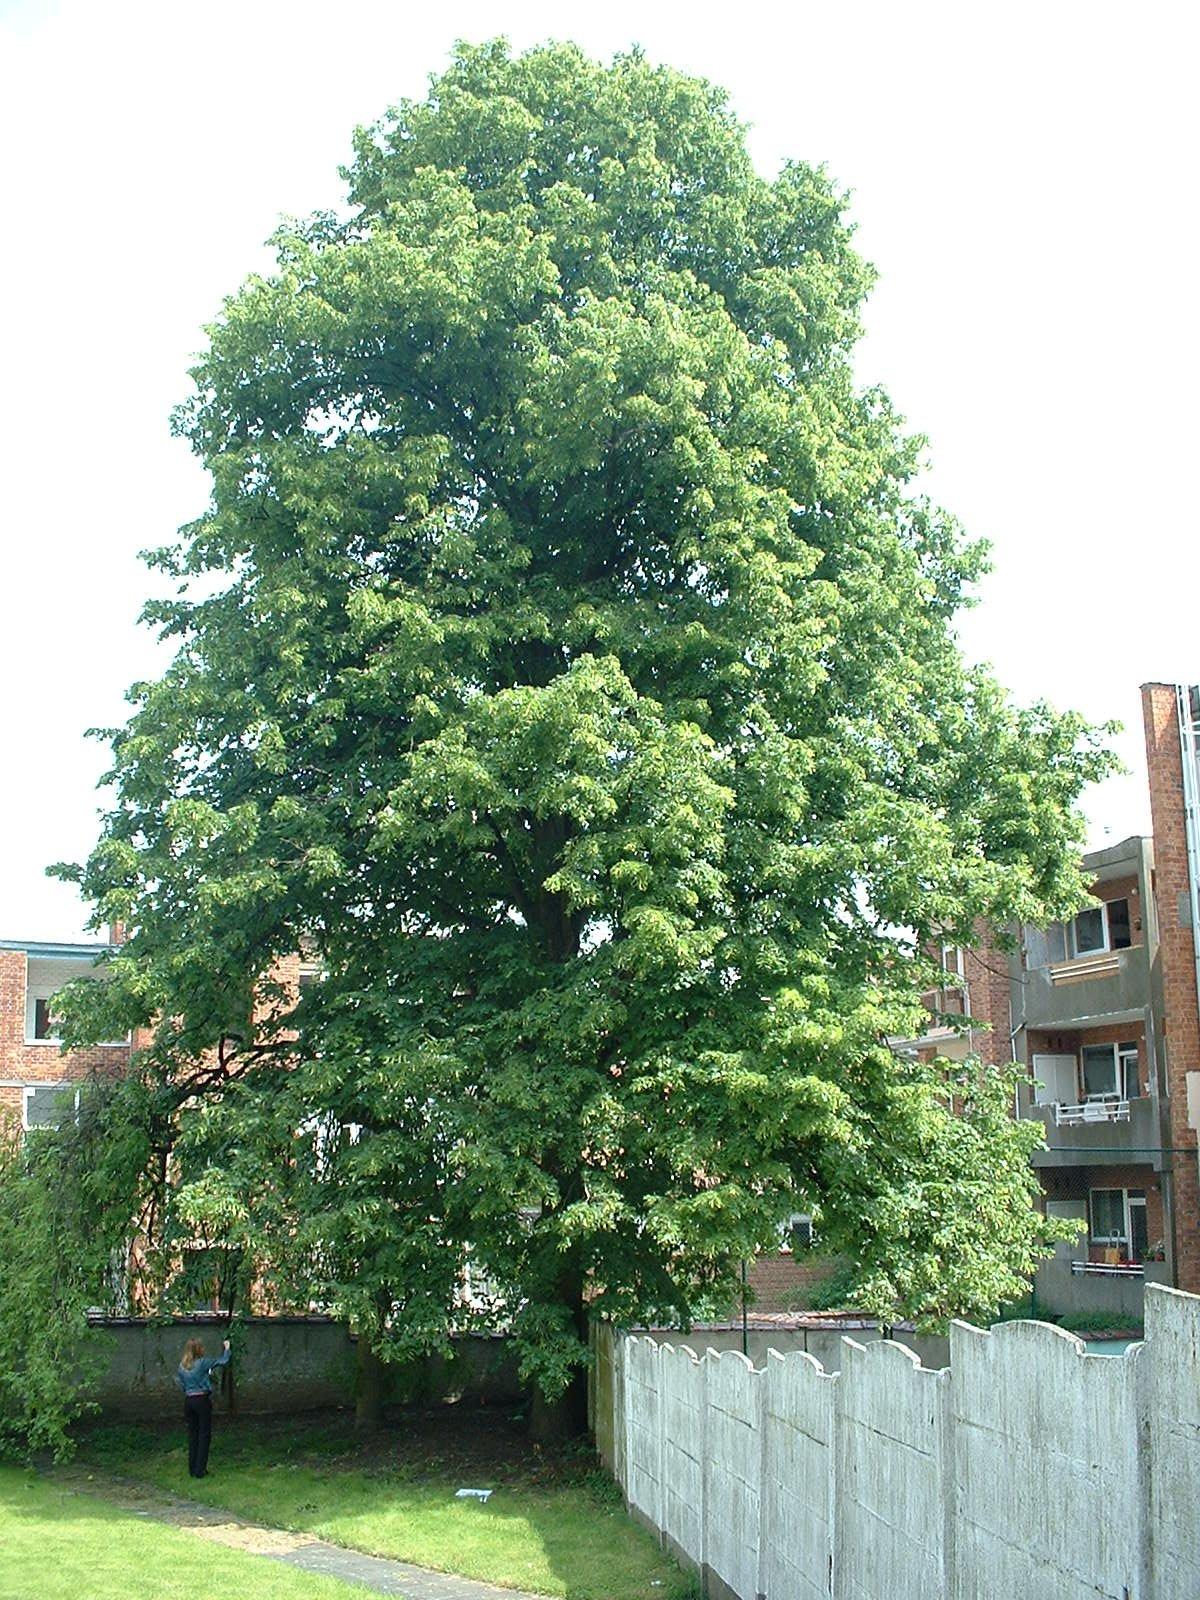 Tilleul à larges feuilles – Etterbeek, Rue des Champs, 129 –  16 Mai 2003